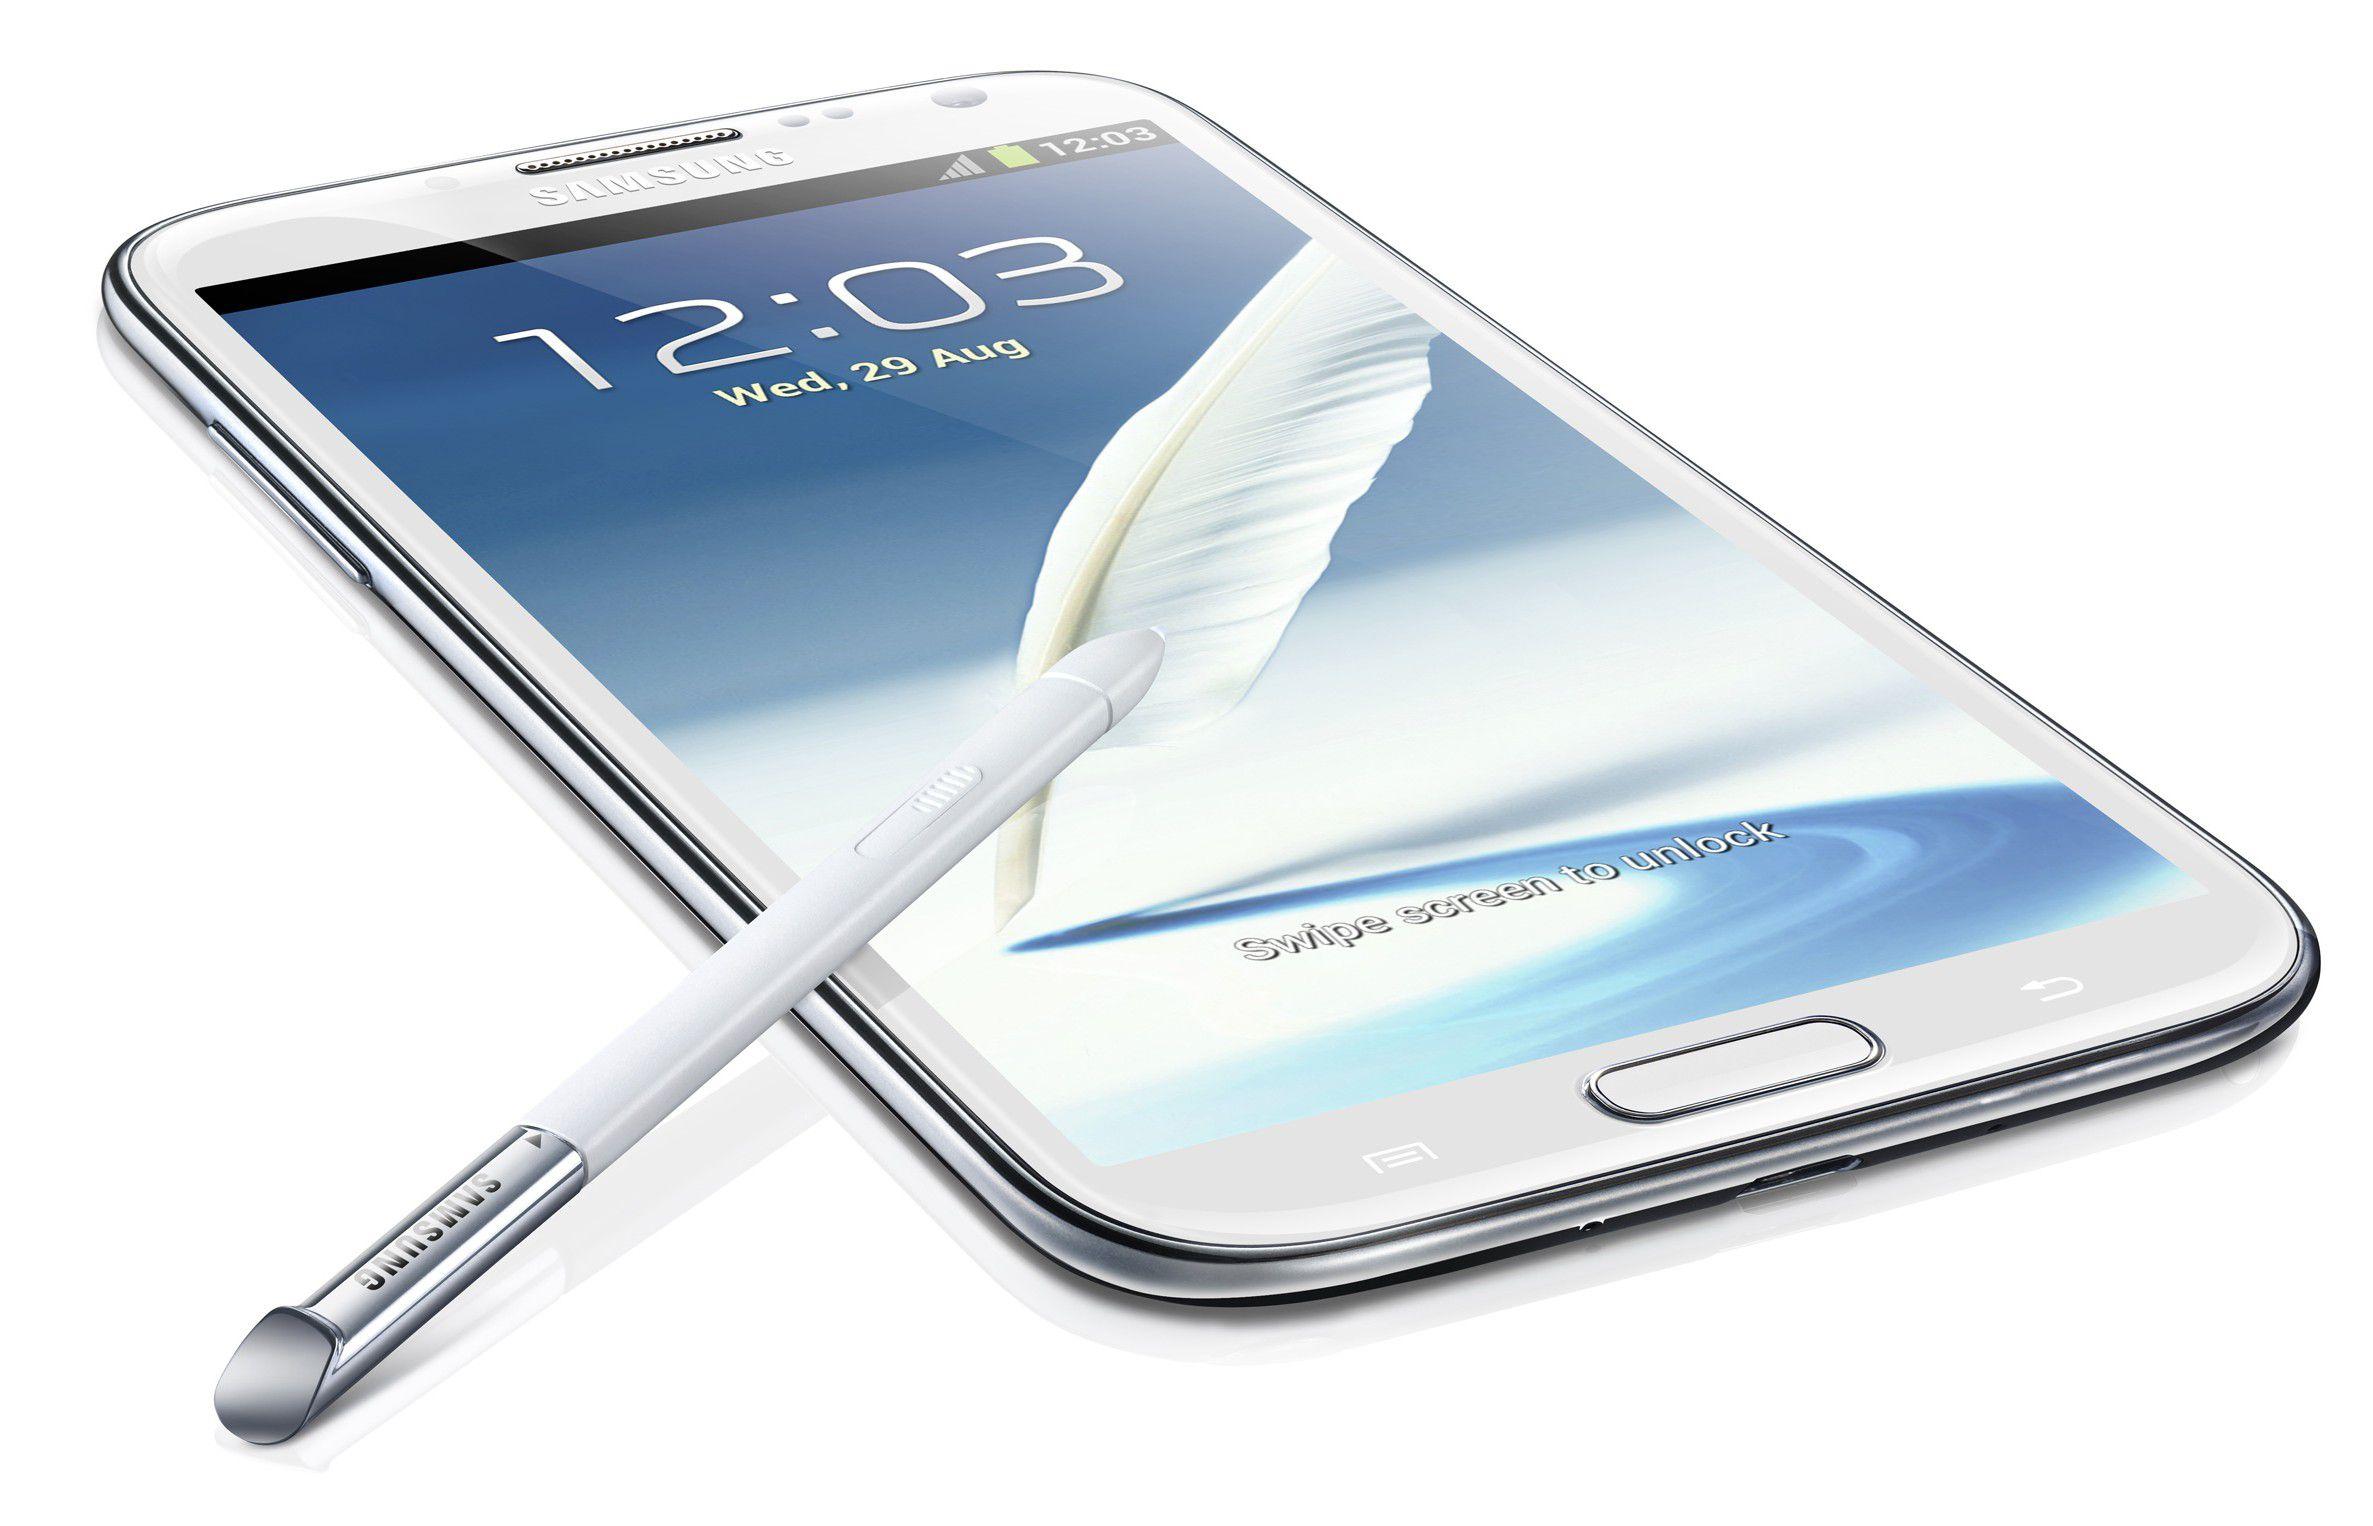 Galaxy_Note_2-40.jpg?nocache=1372430952647